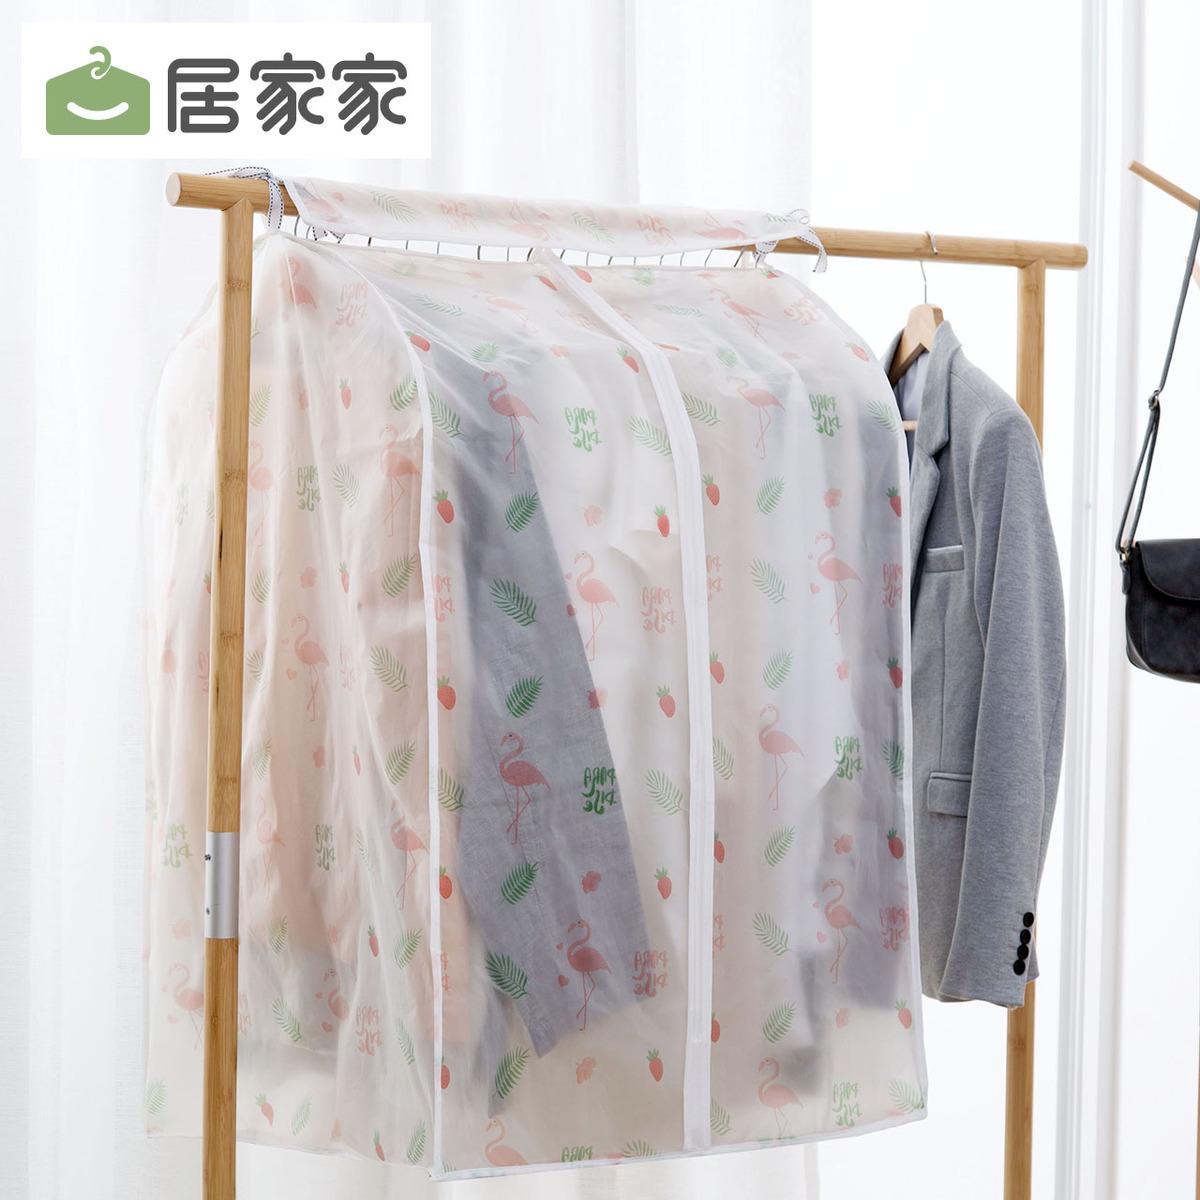 居家家加宽挂式衣服罩家用大衣防尘袋加厚衣服防尘套挂衣防尘罩